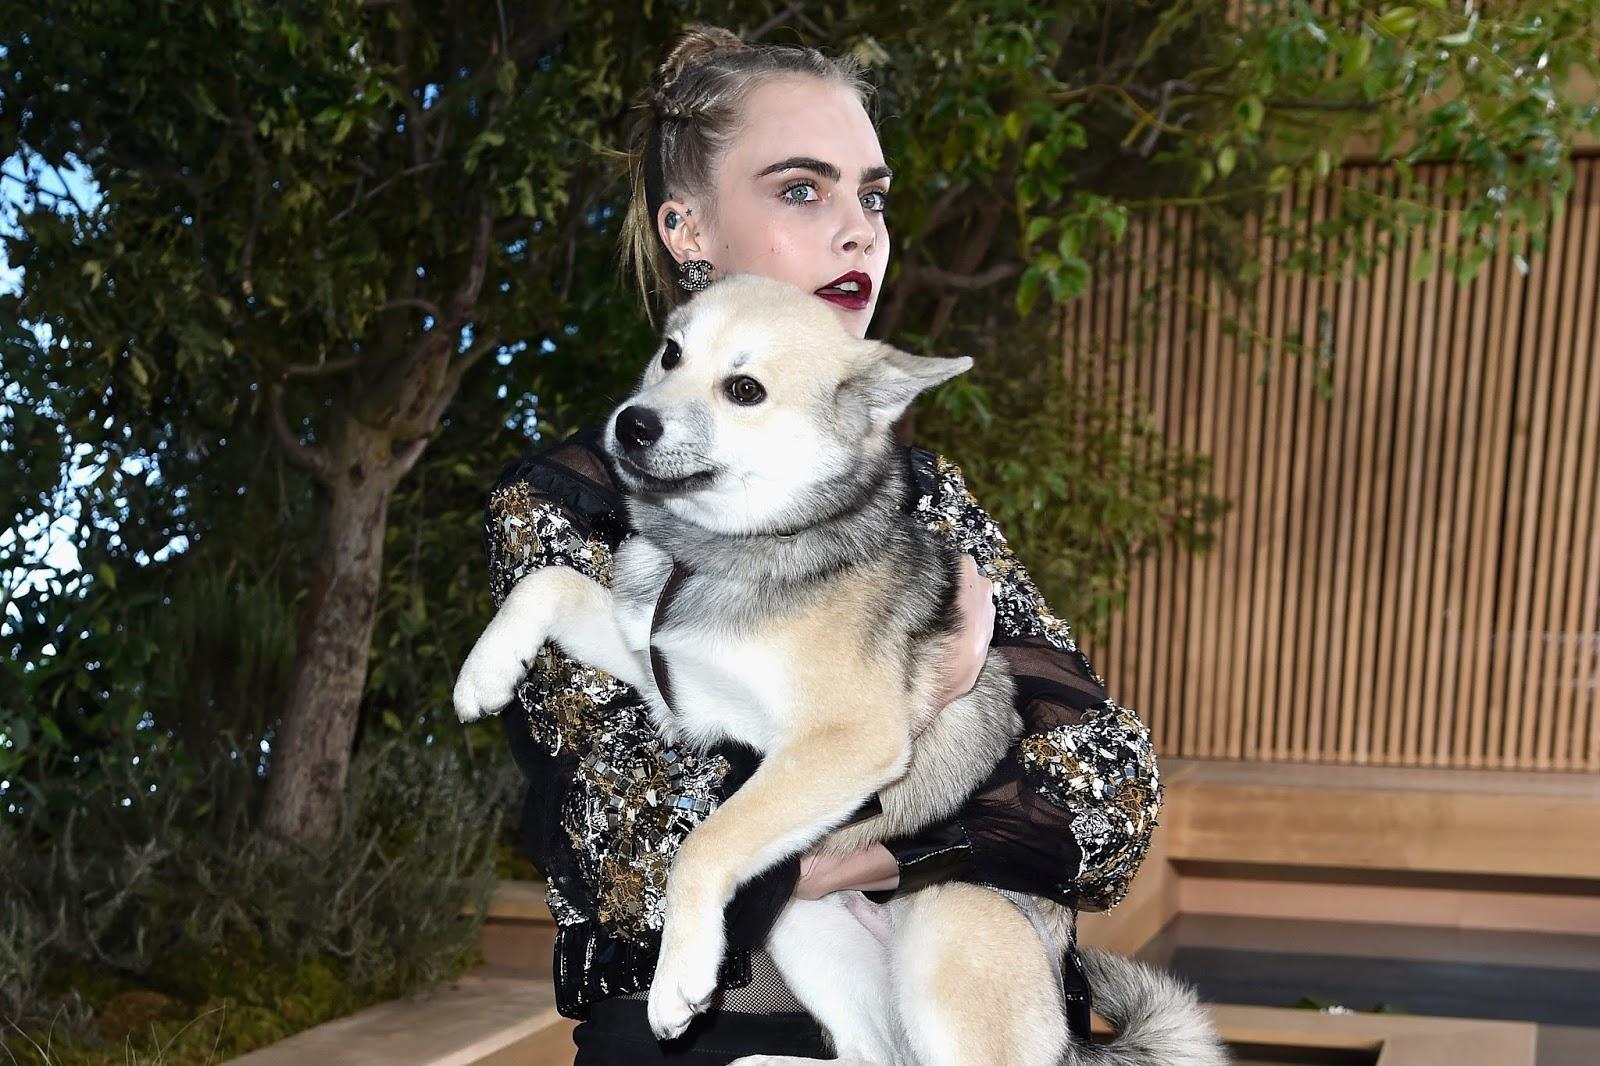 cara-delevingne-chanel-show-dog-leo